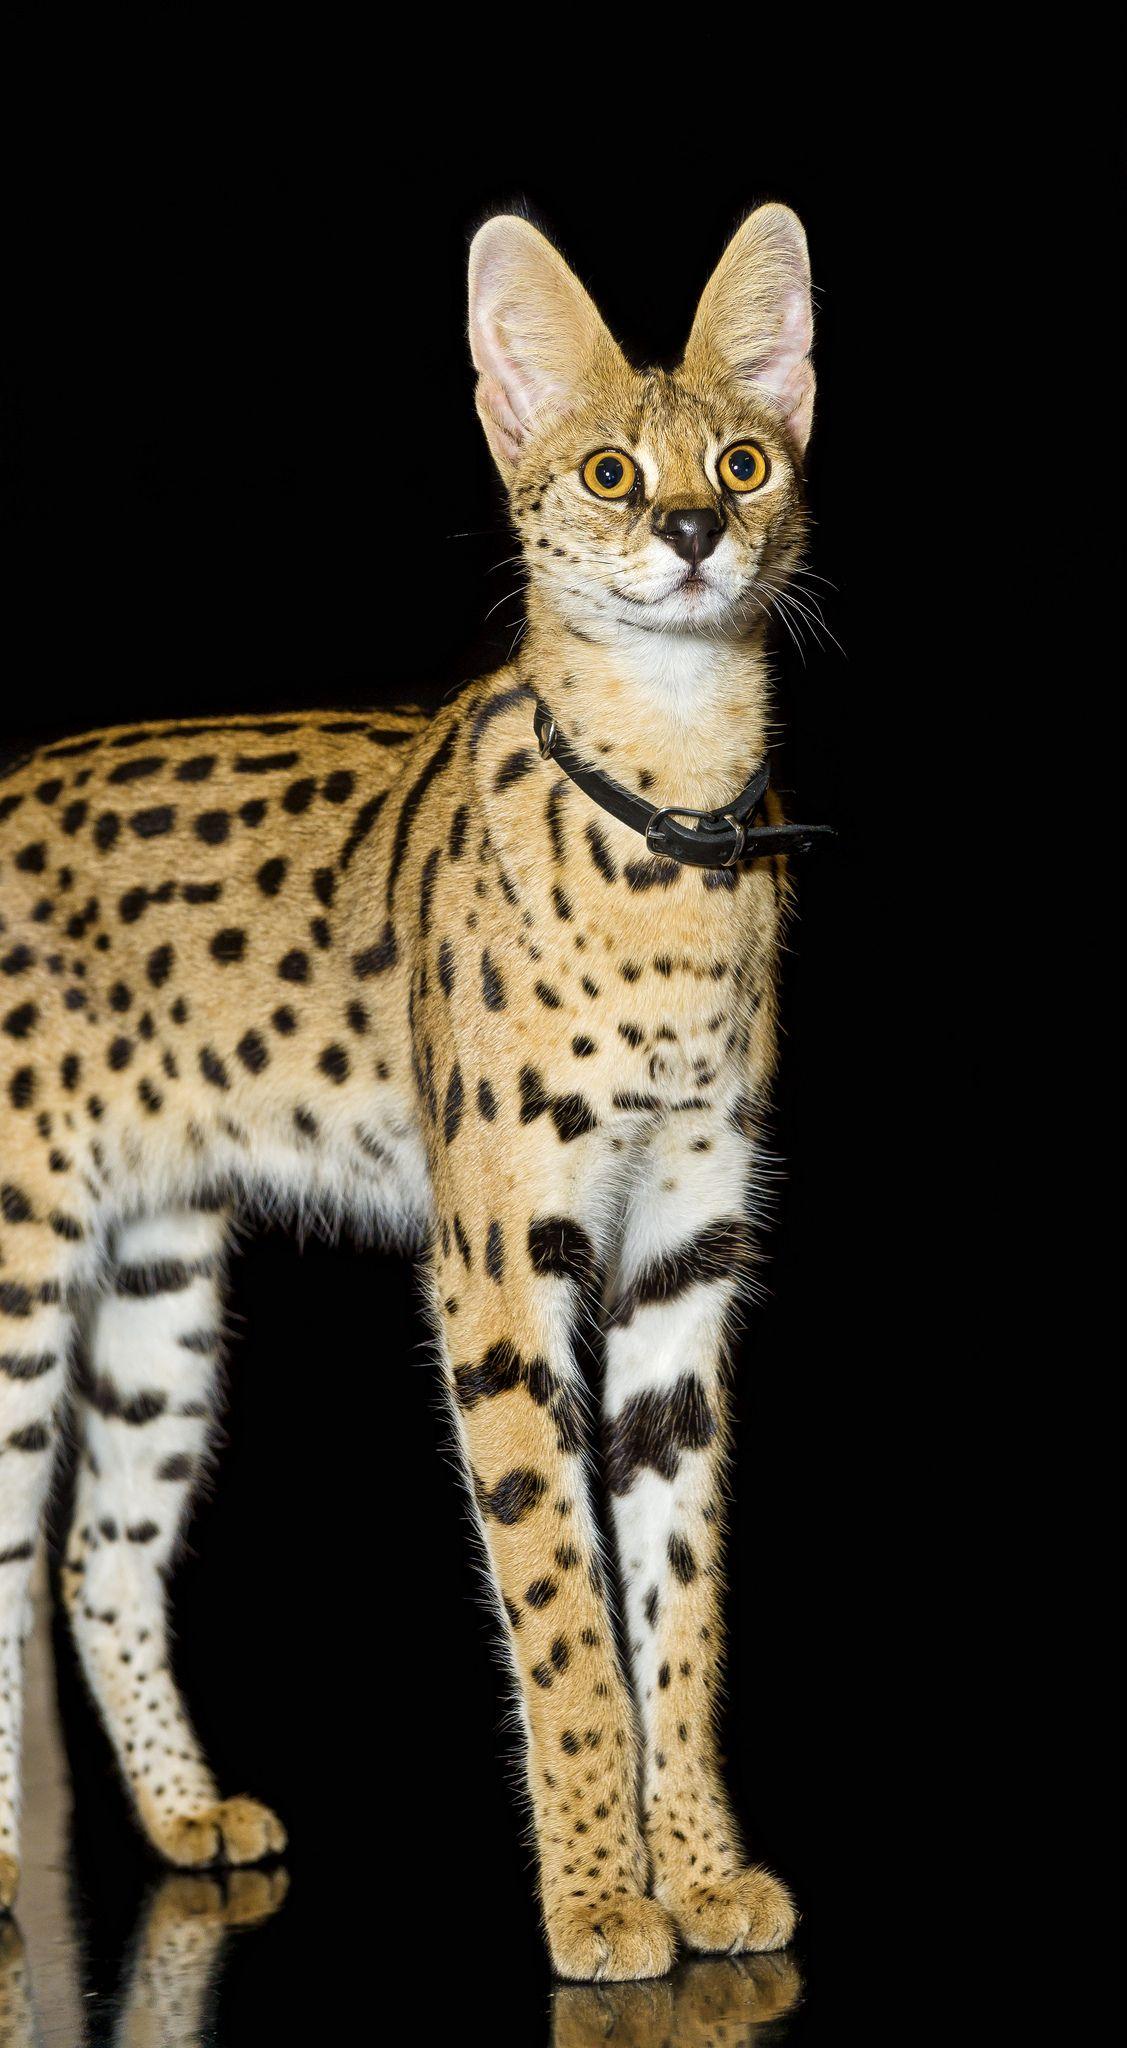 Tiger Cats Big Cat Predator Divoká zvířata, Zvířata